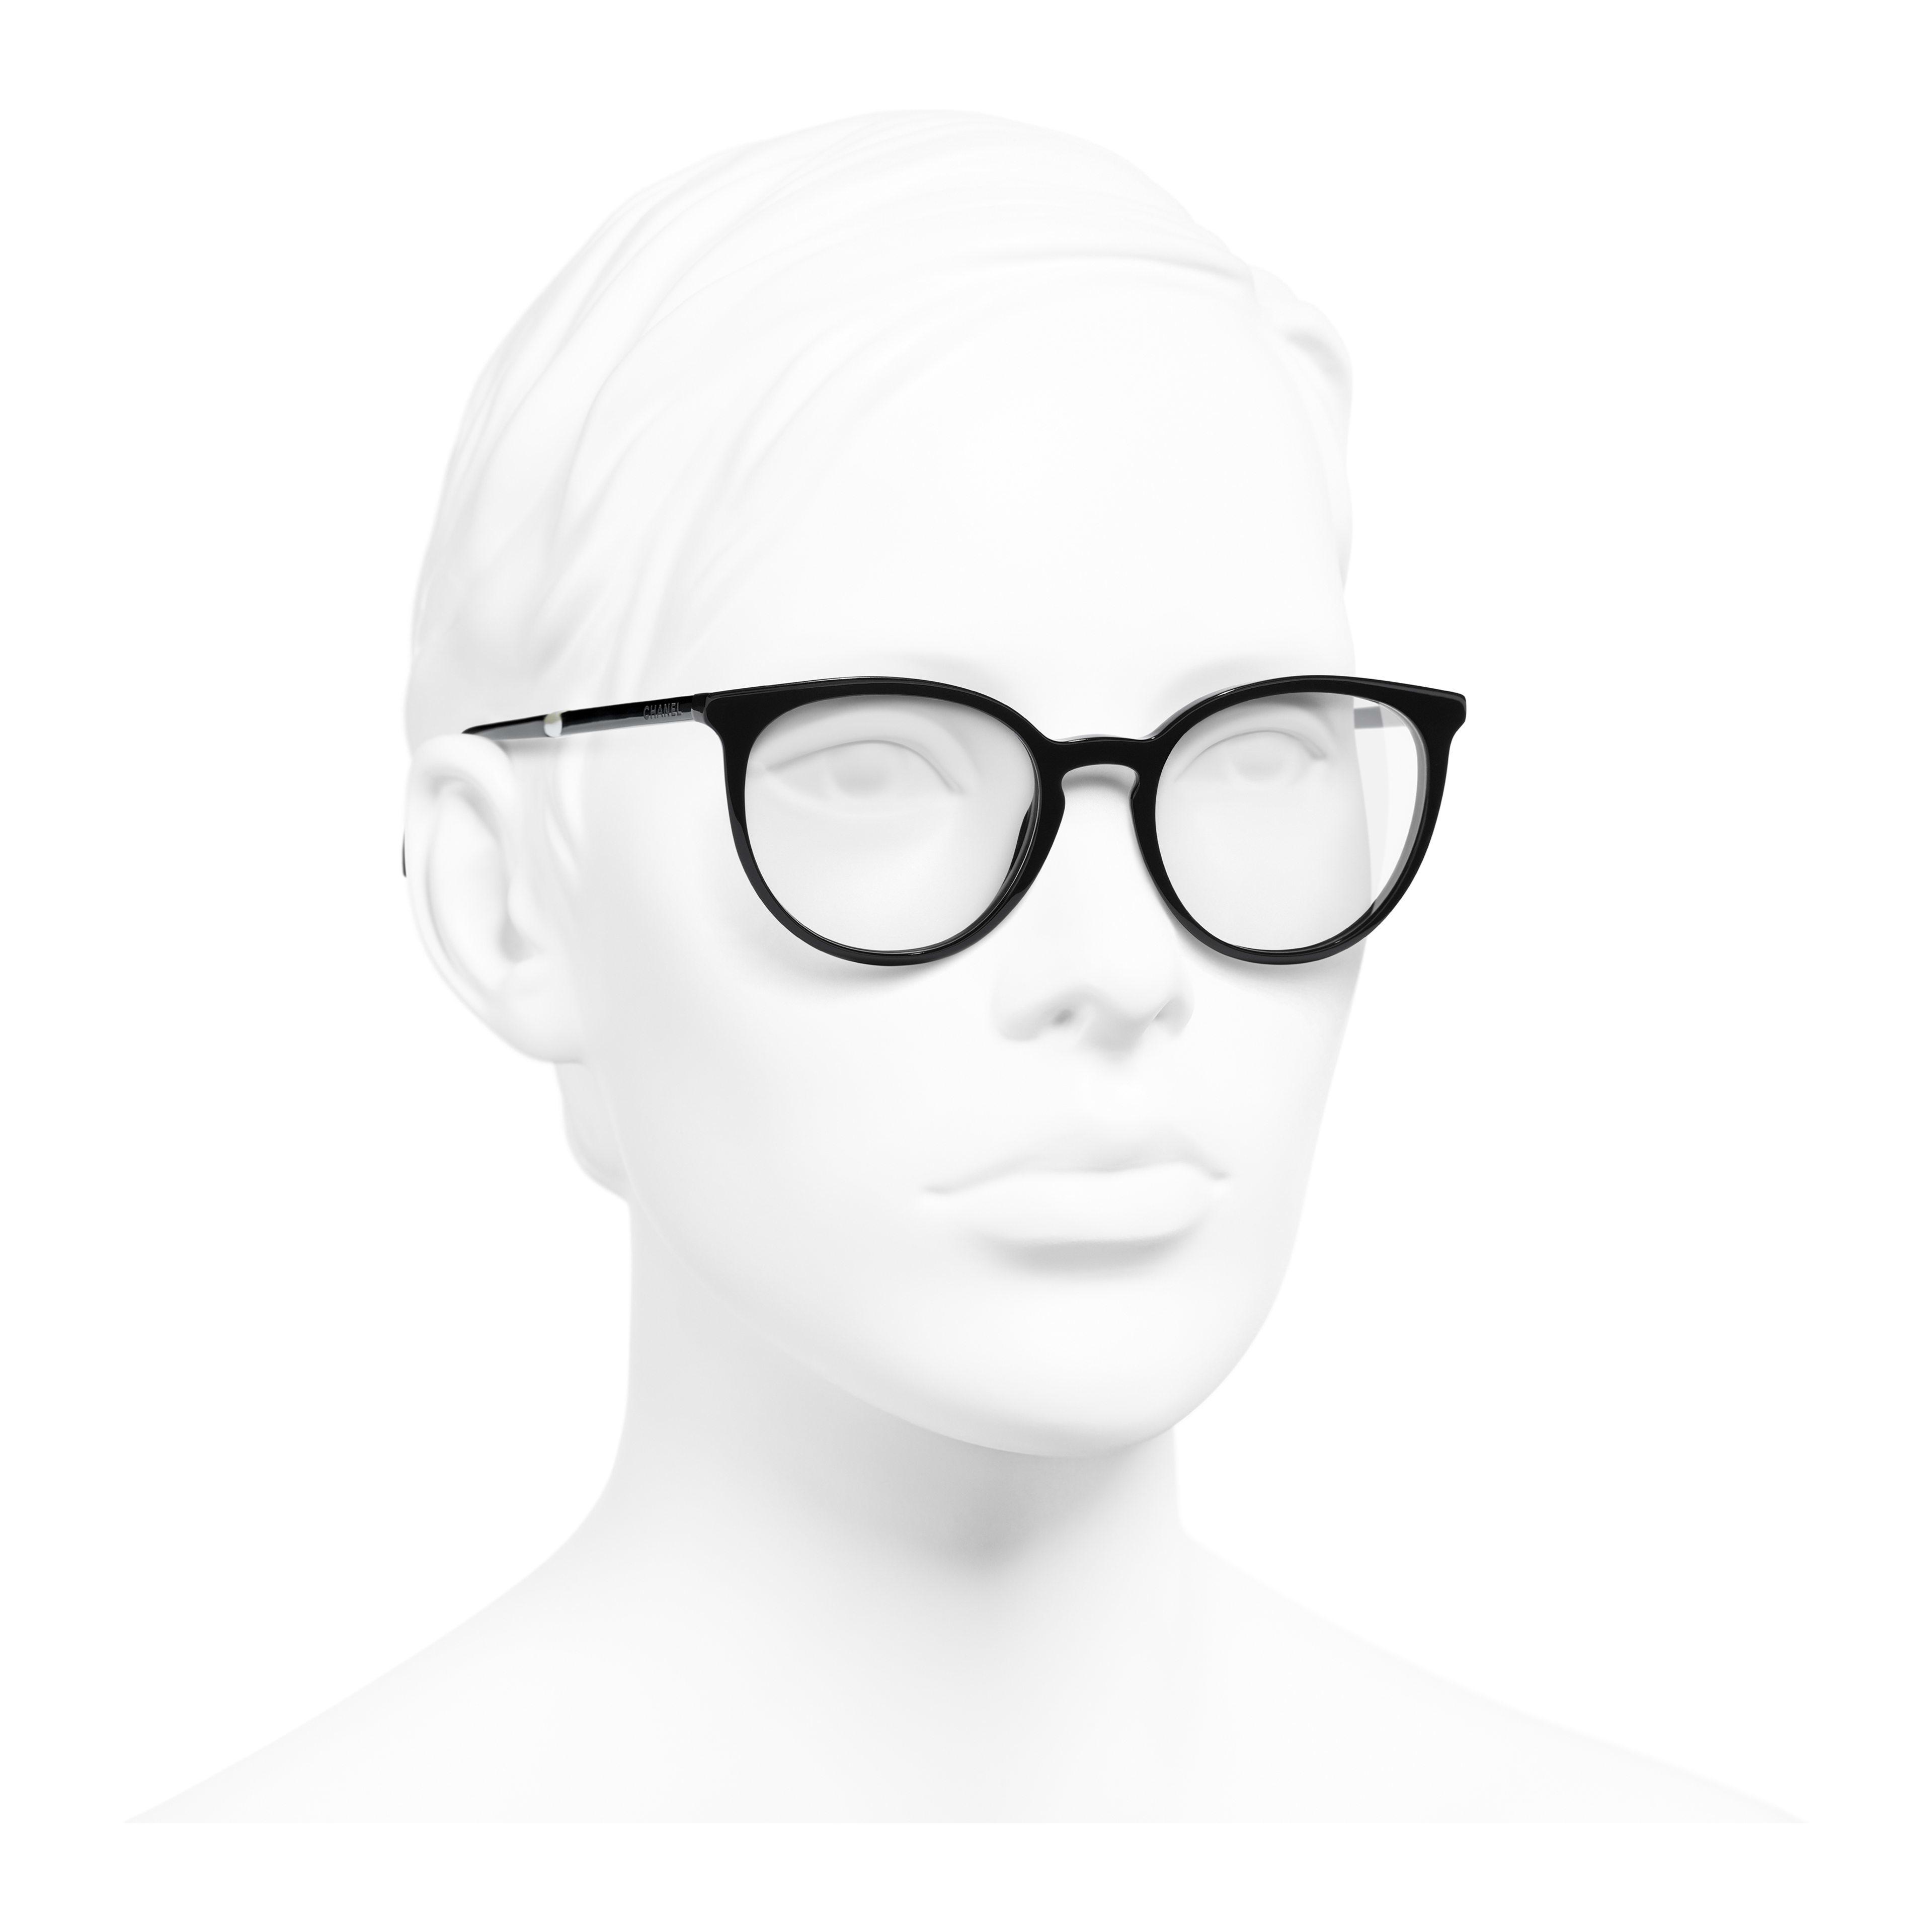 แว่นสายตาทรง Pantos (แพนโทส) - สีดำ - อะซิเตทและมุก - มุมมองการสวมใส่ 3/4 - ดูเวอร์ชันขนาดเต็ม